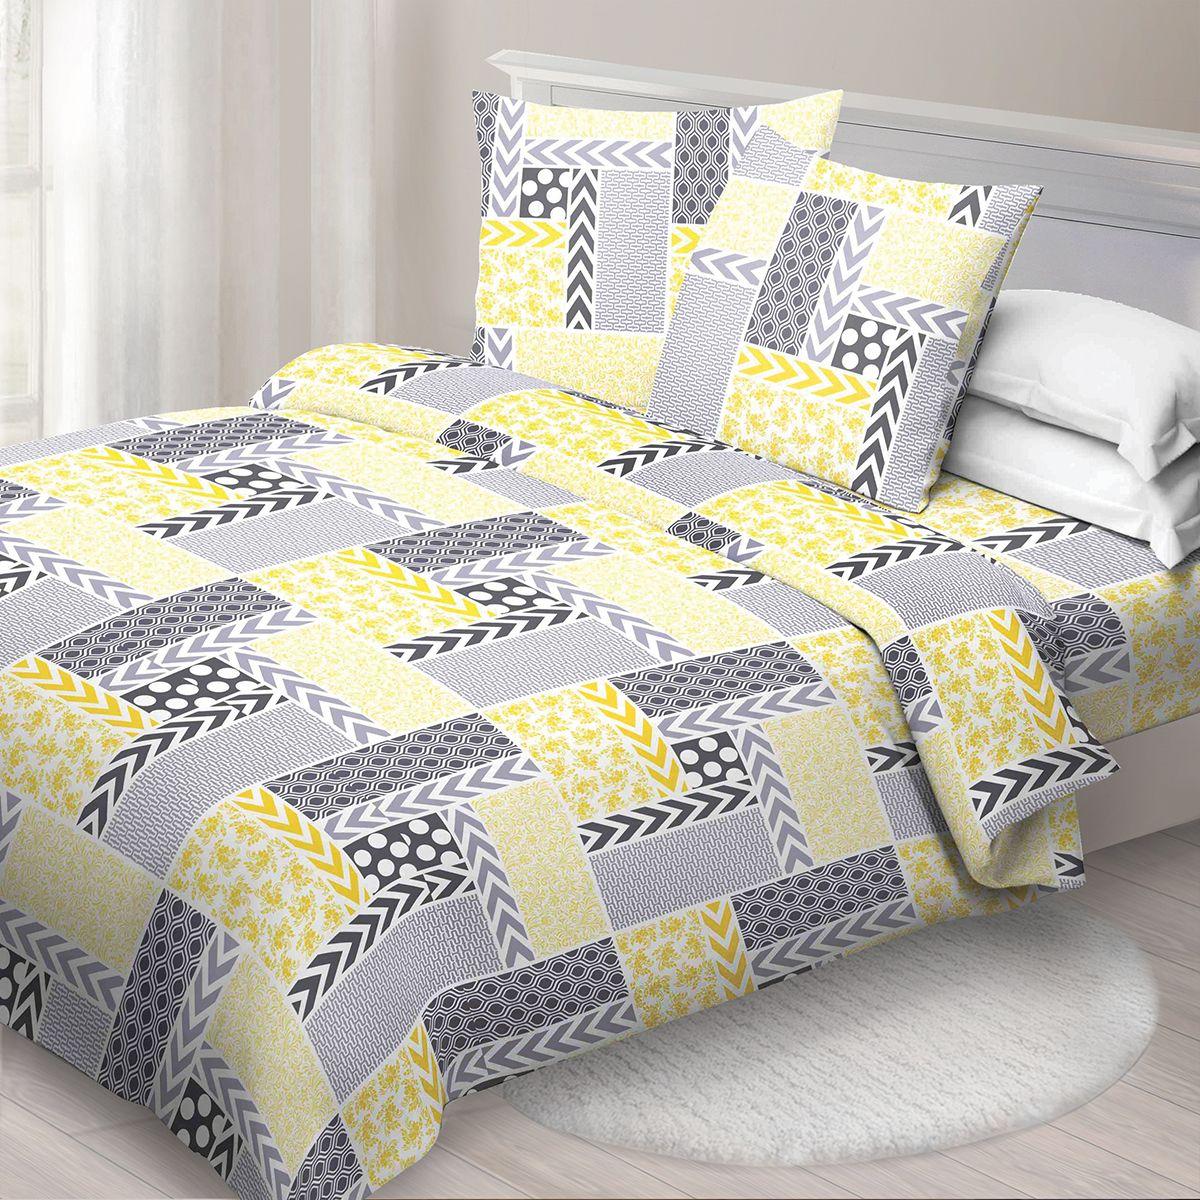 Комплект белья Спал Спалыч Палермо, 2-спальное, наволочки 70x70, цвет: желтый90877Спал Спалыч - недорогое, но качественное постельное белье из белорусской бязи. Актуальные дизайны, авторская упаковка в сочетании с качественными материалами и приемлемой ценой - залог успеха Спал Спалыча! В ассортименте широкая линейка домашнего текстиля для всей семьи - современные дизайны современному покупателю! Ткань обработана по технологии PERFECT WAY - благодаря чему, она становится более гладкой и шелковистой. • Бязь Барановичи 100% хлопок • Плотность ткани - 125 гр/кв.м.